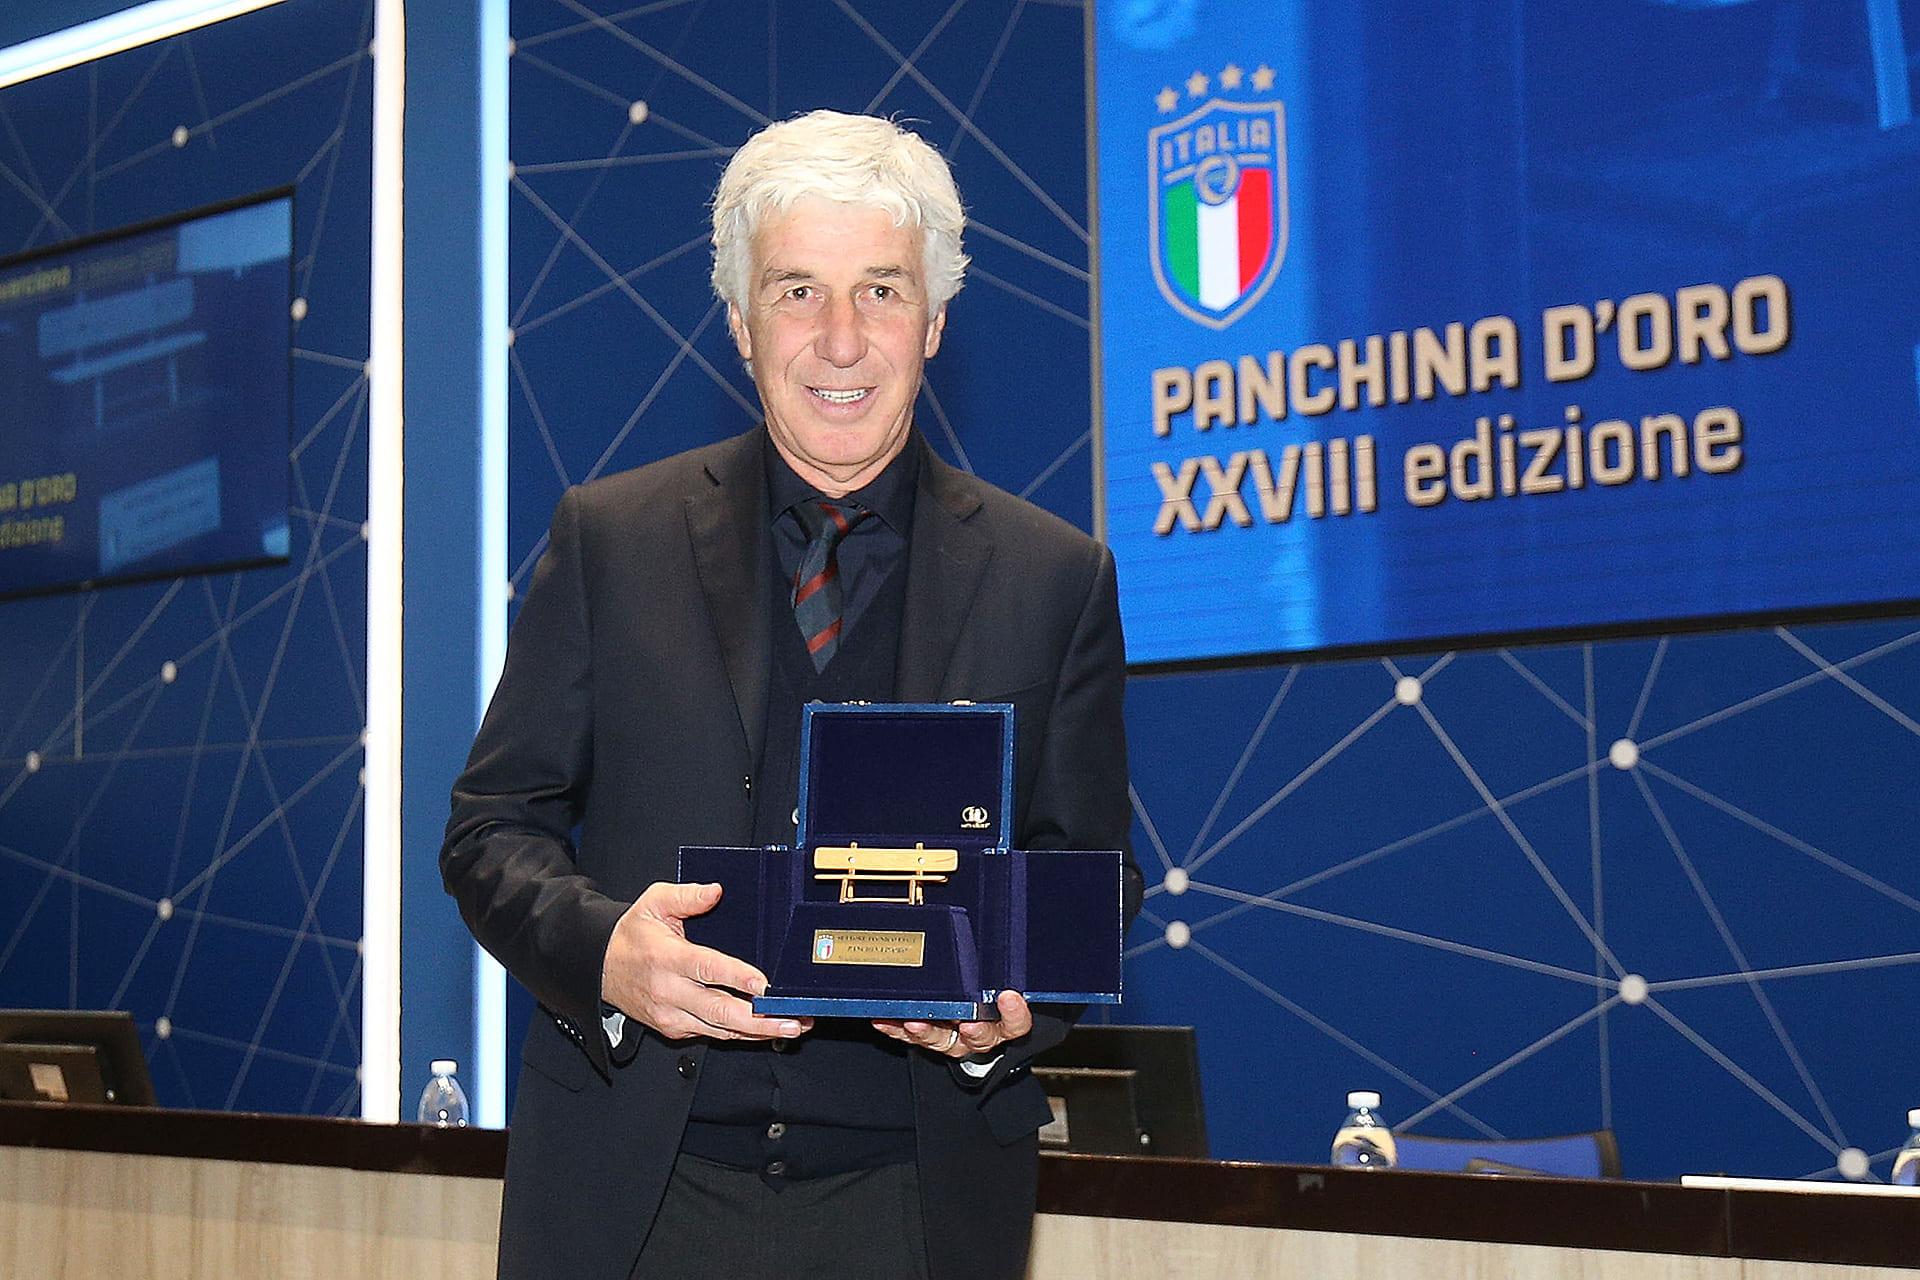 アタランタのジャン・ピエロ・ガスペリーニ